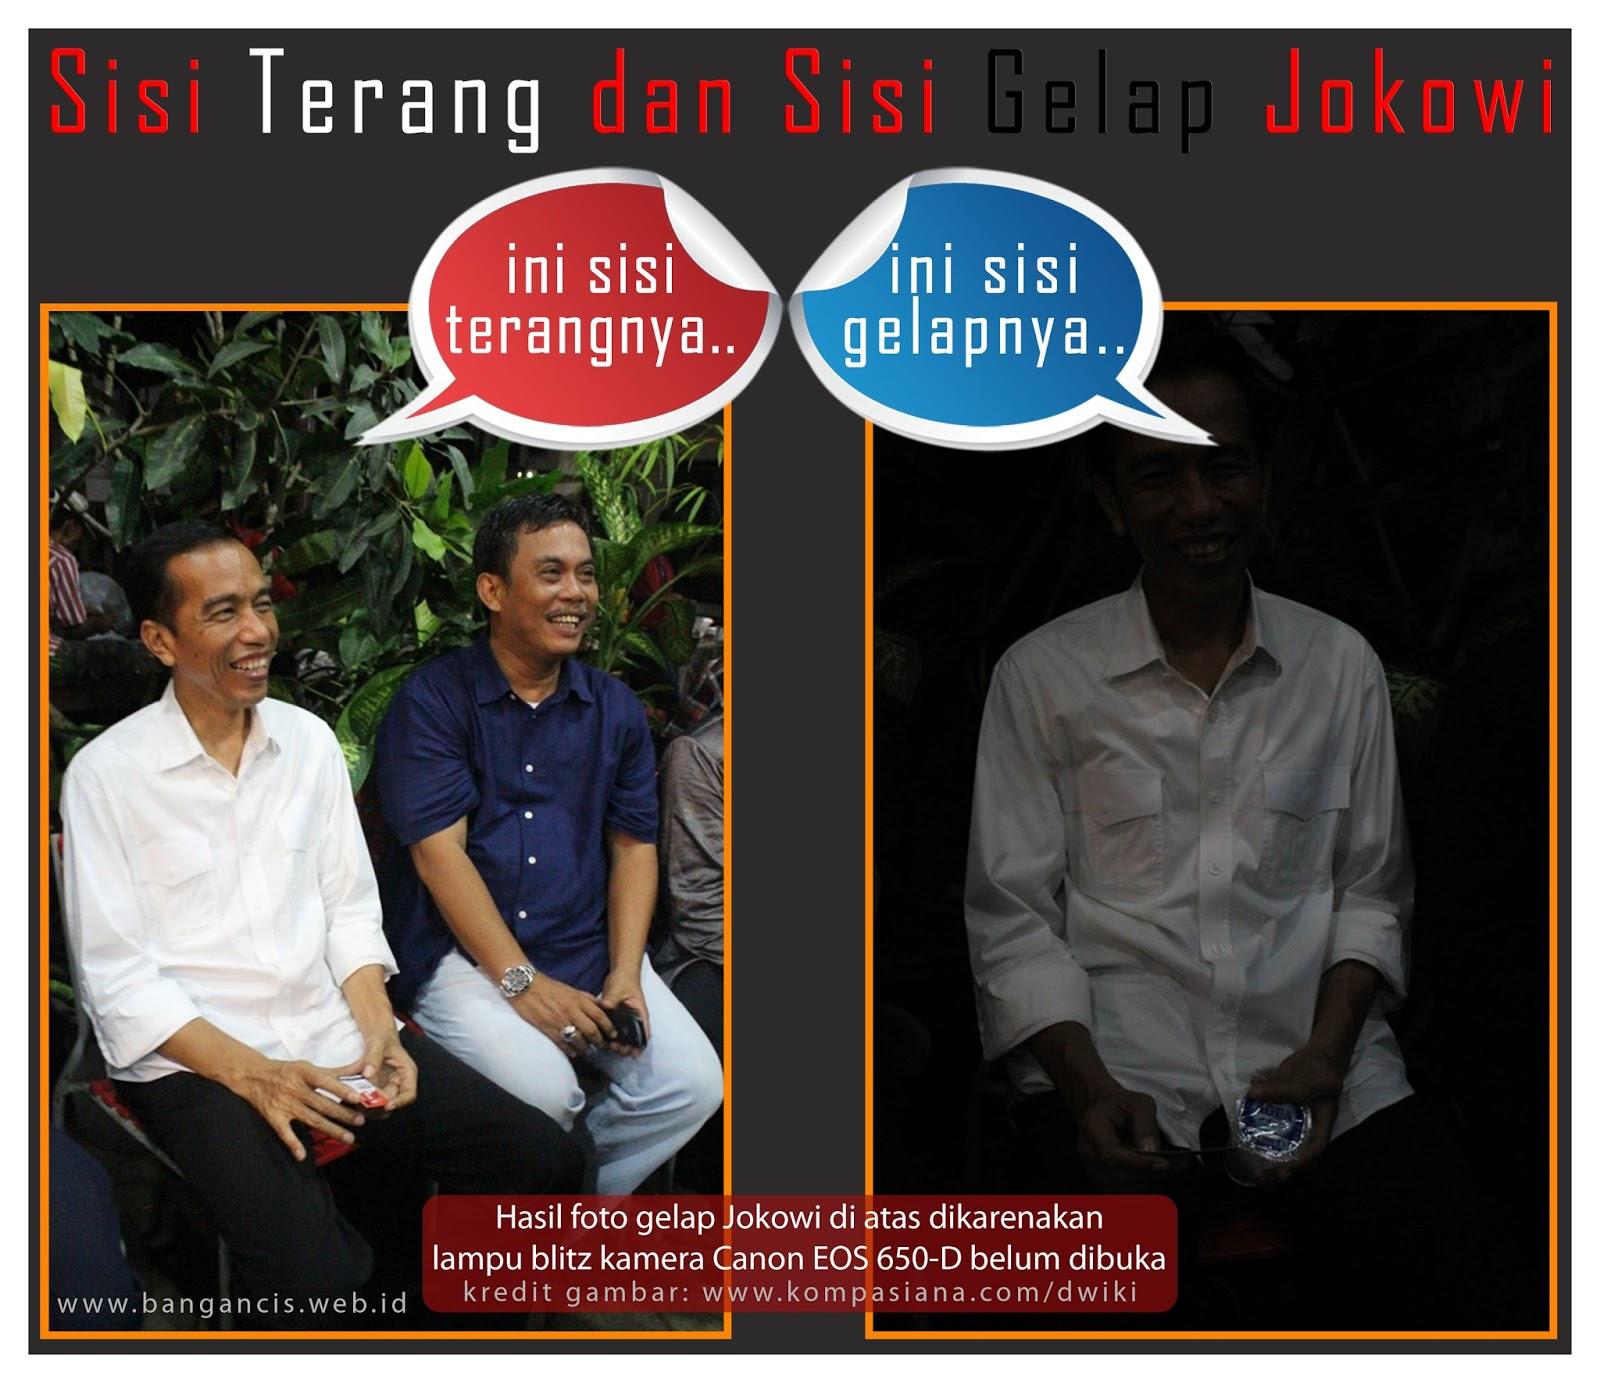 Sisi Terang dan sisi Gelap Jokowi